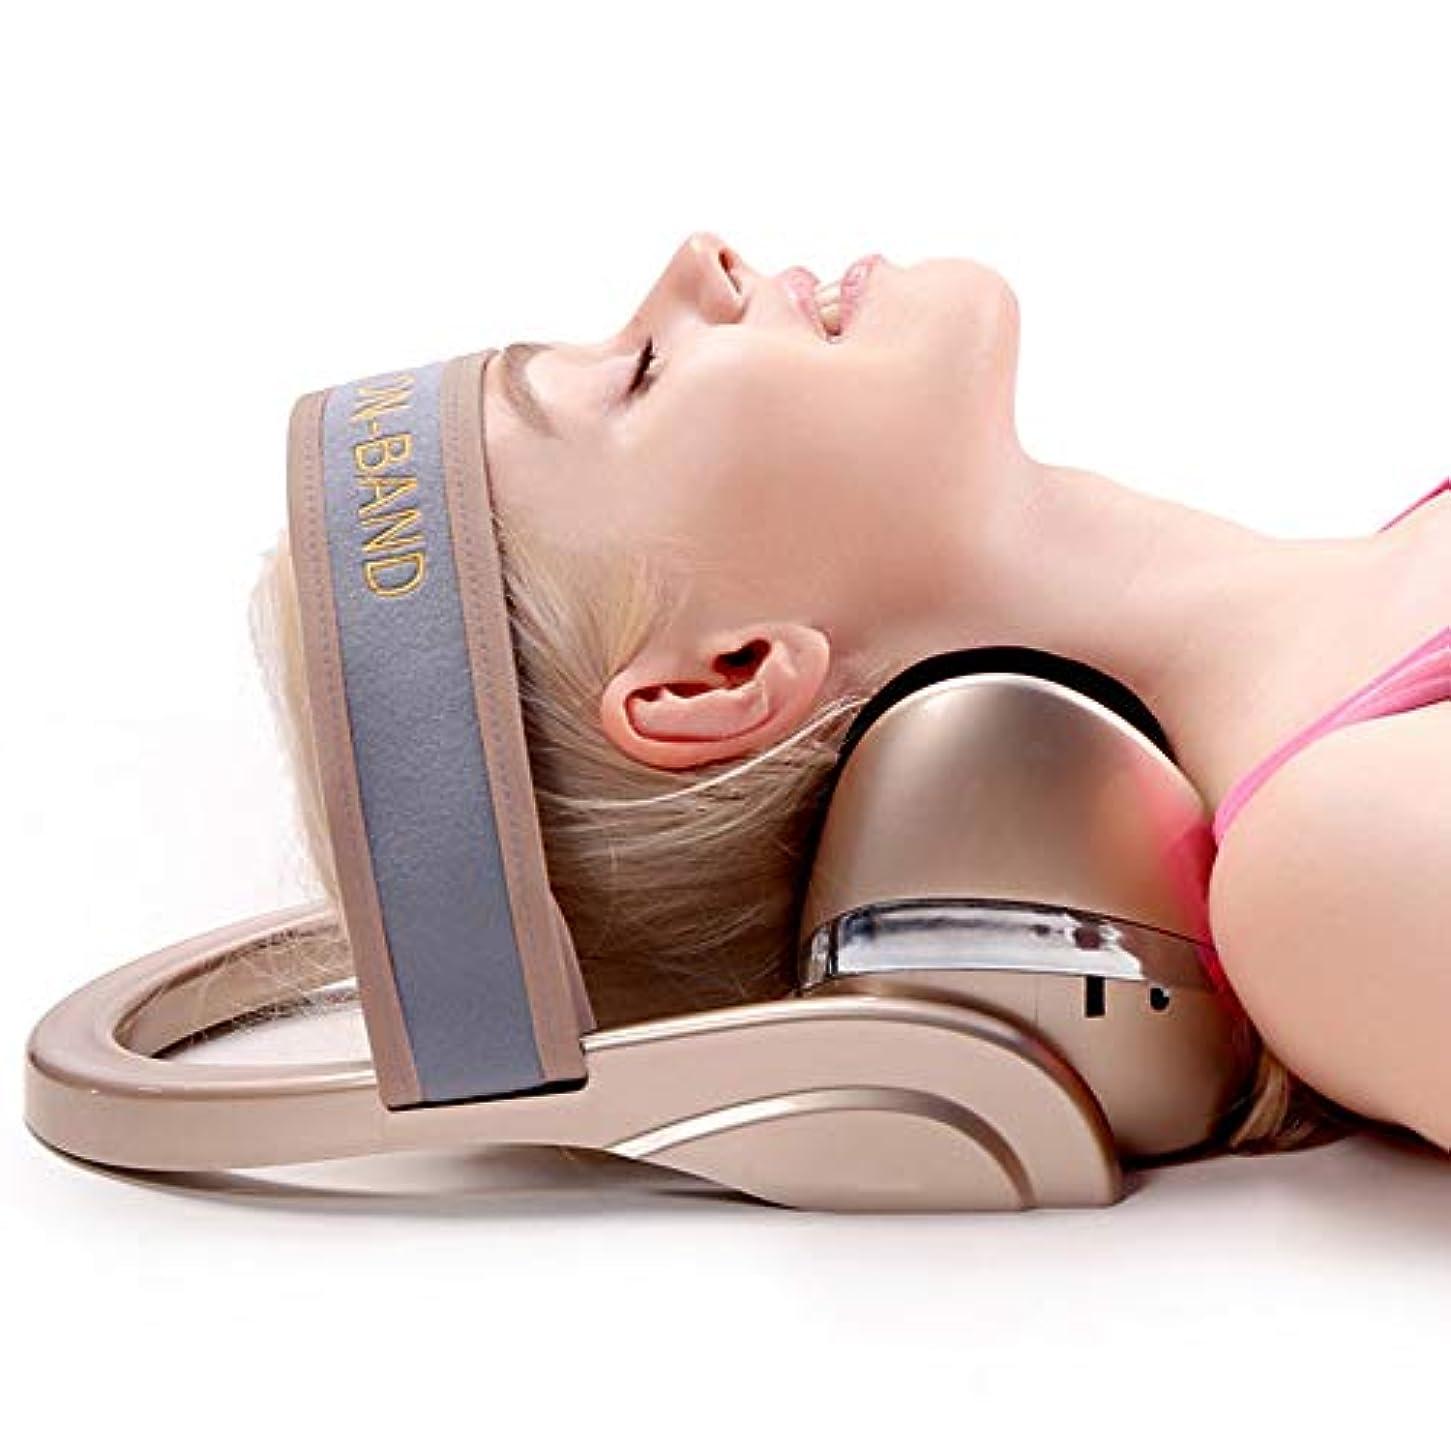 記念勤勉な親愛な整形外科の救助の首およびサポート肩の上部の背骨の緩い苦痛のマッサージの牽引のための電気頚椎のマッサージの弛緩の枕